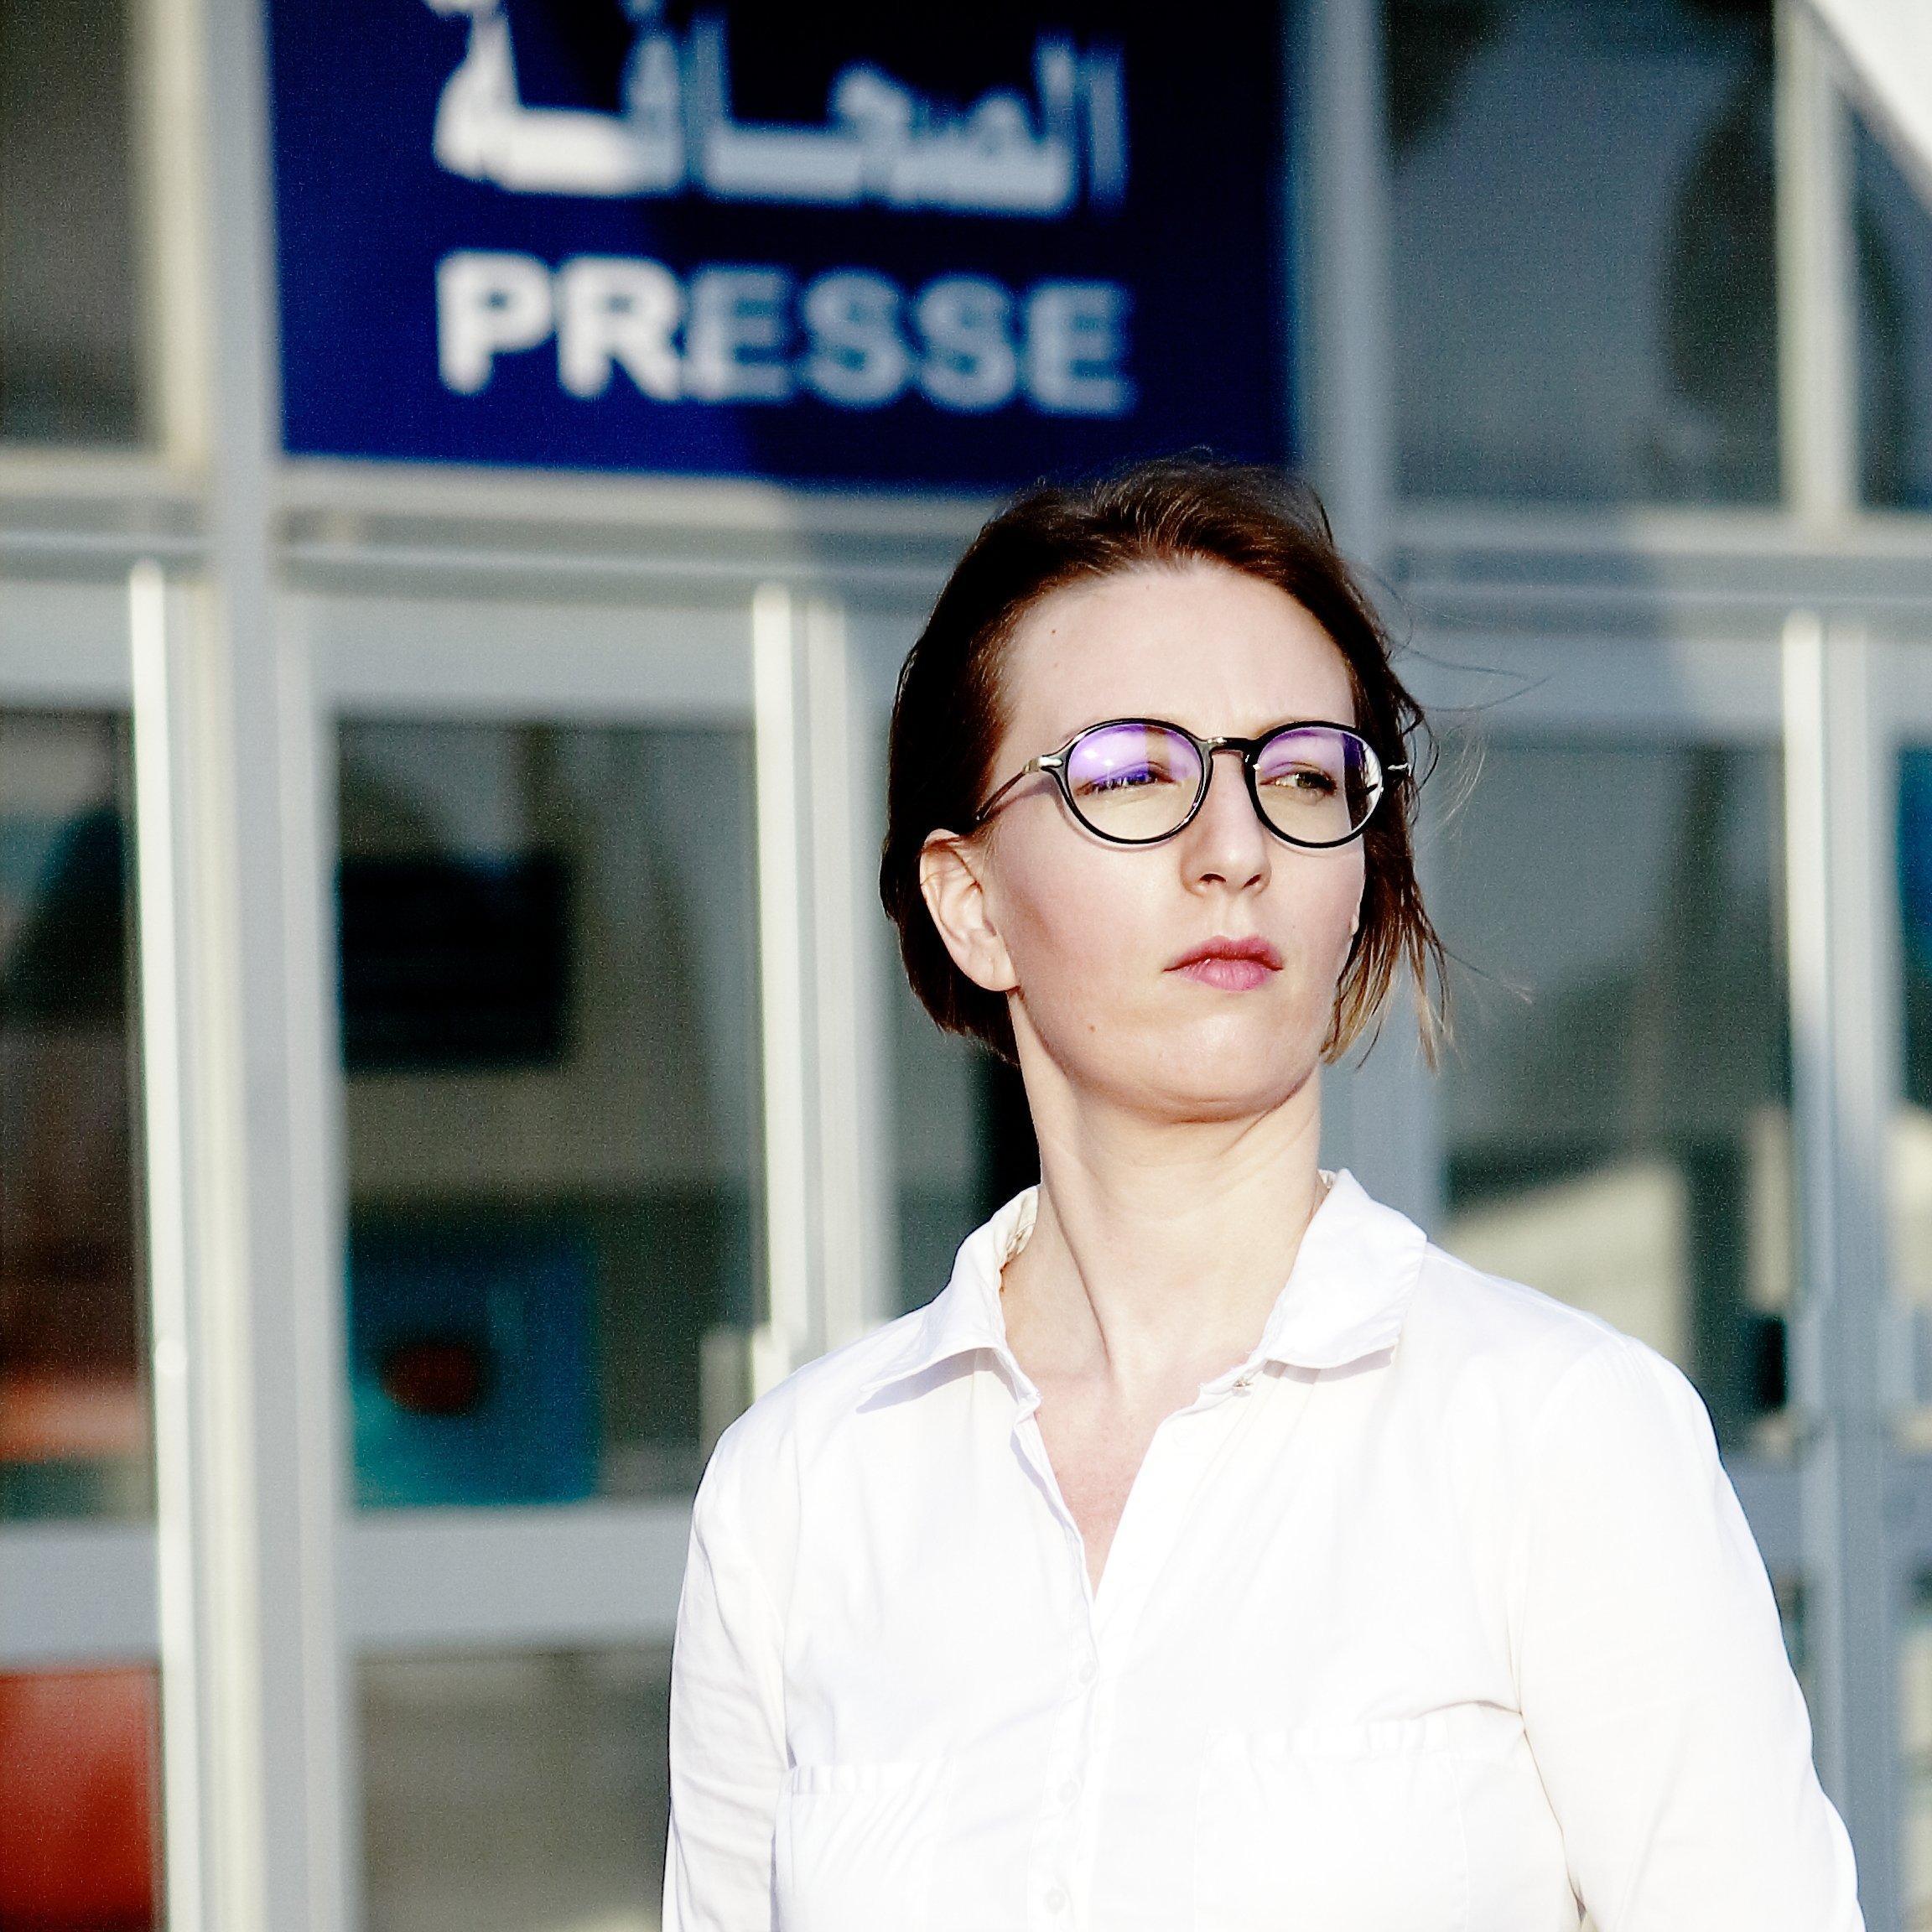 Foto der Journalistin Sarah Mersch